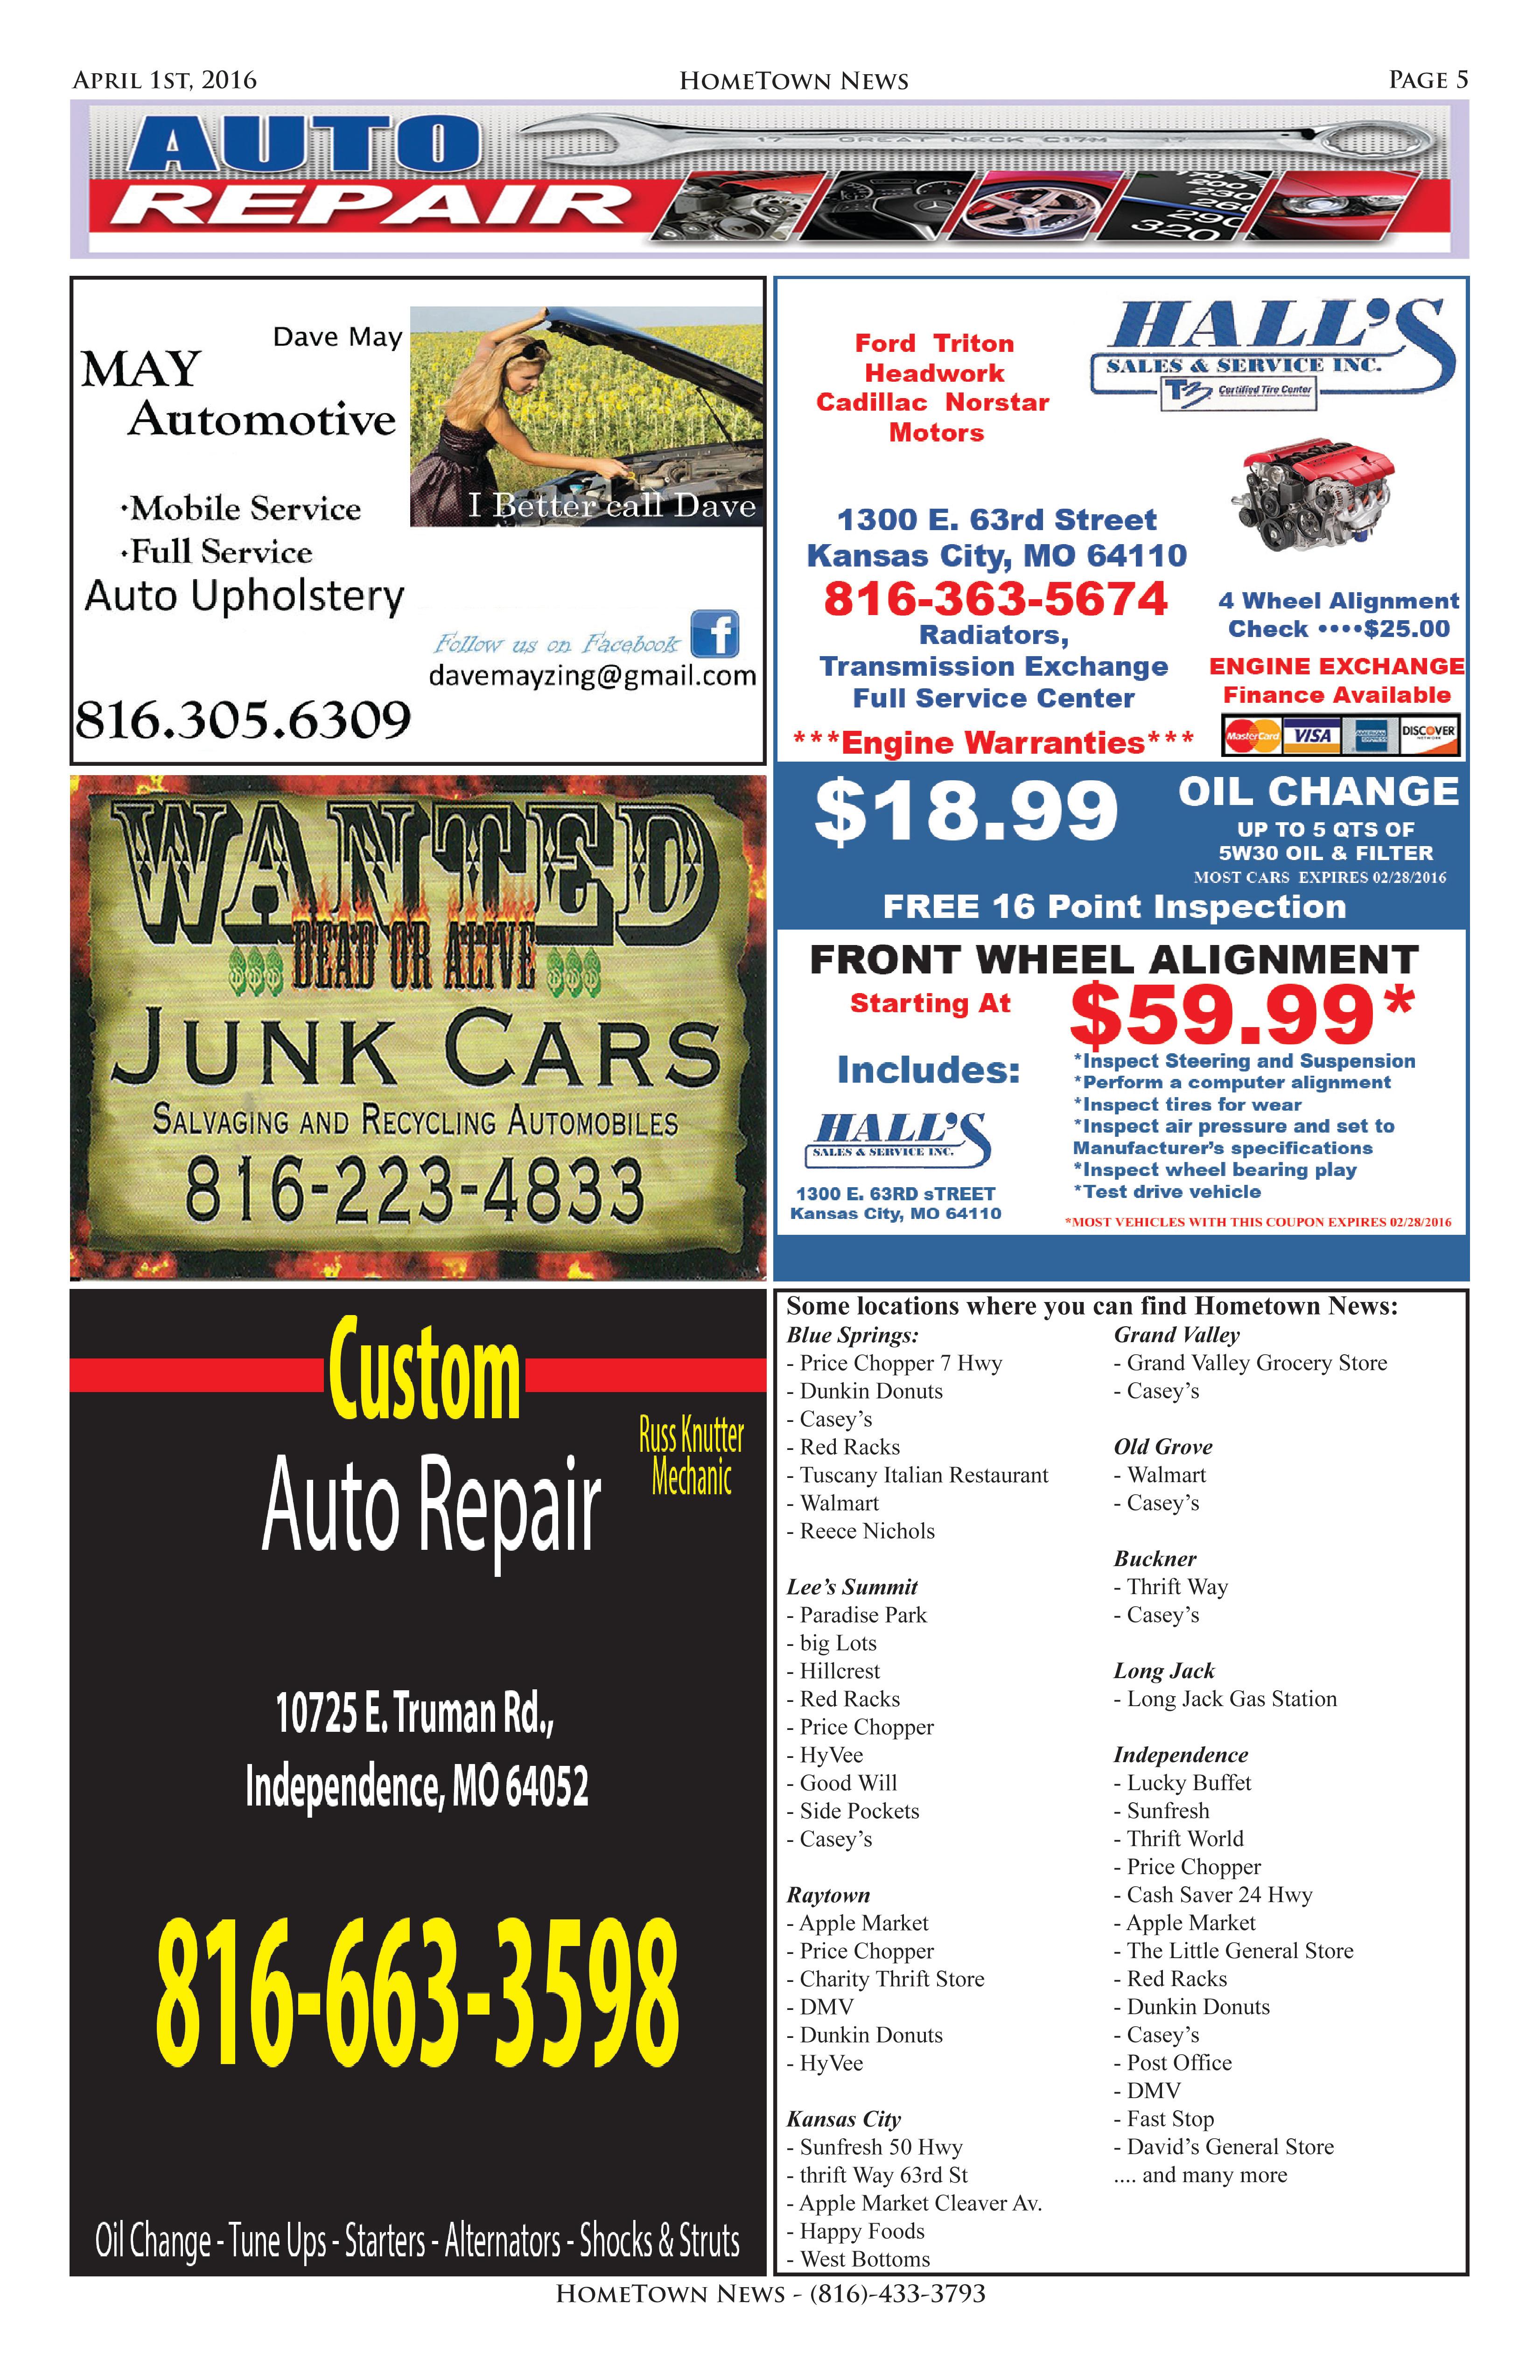 HTN9 - 5 -  Auto Repair